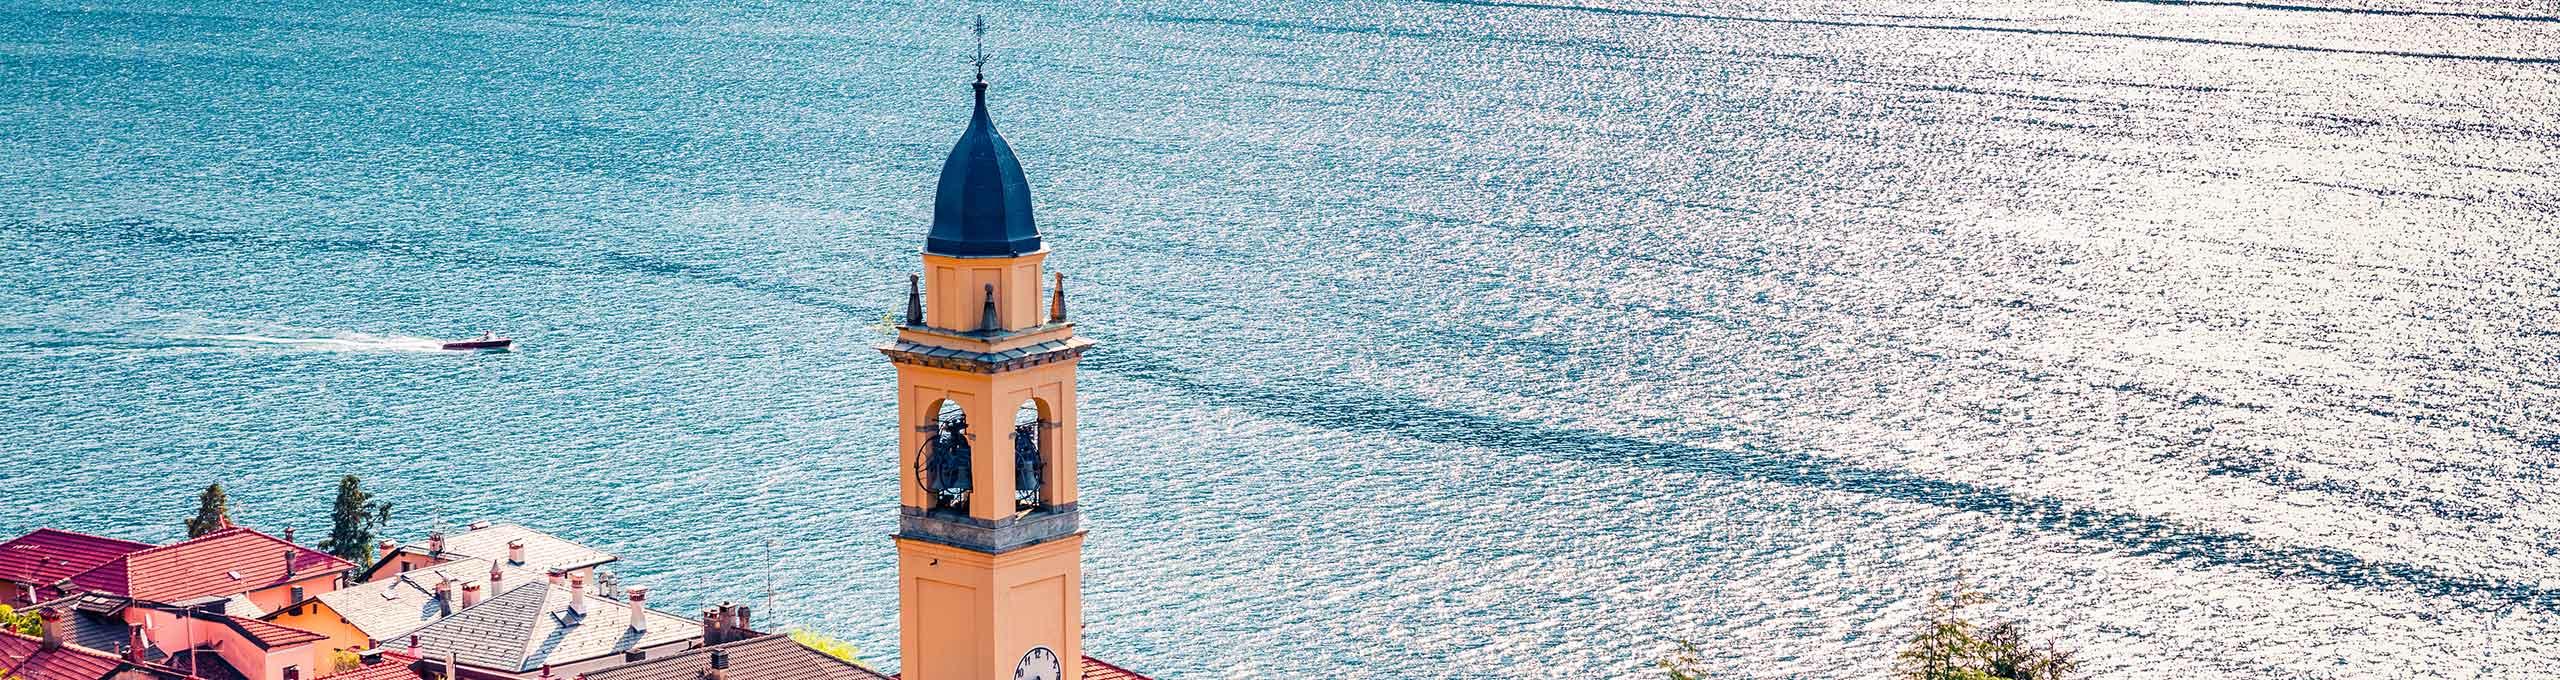 Laglio, Lago di Como, Chiesa di San Giorgio